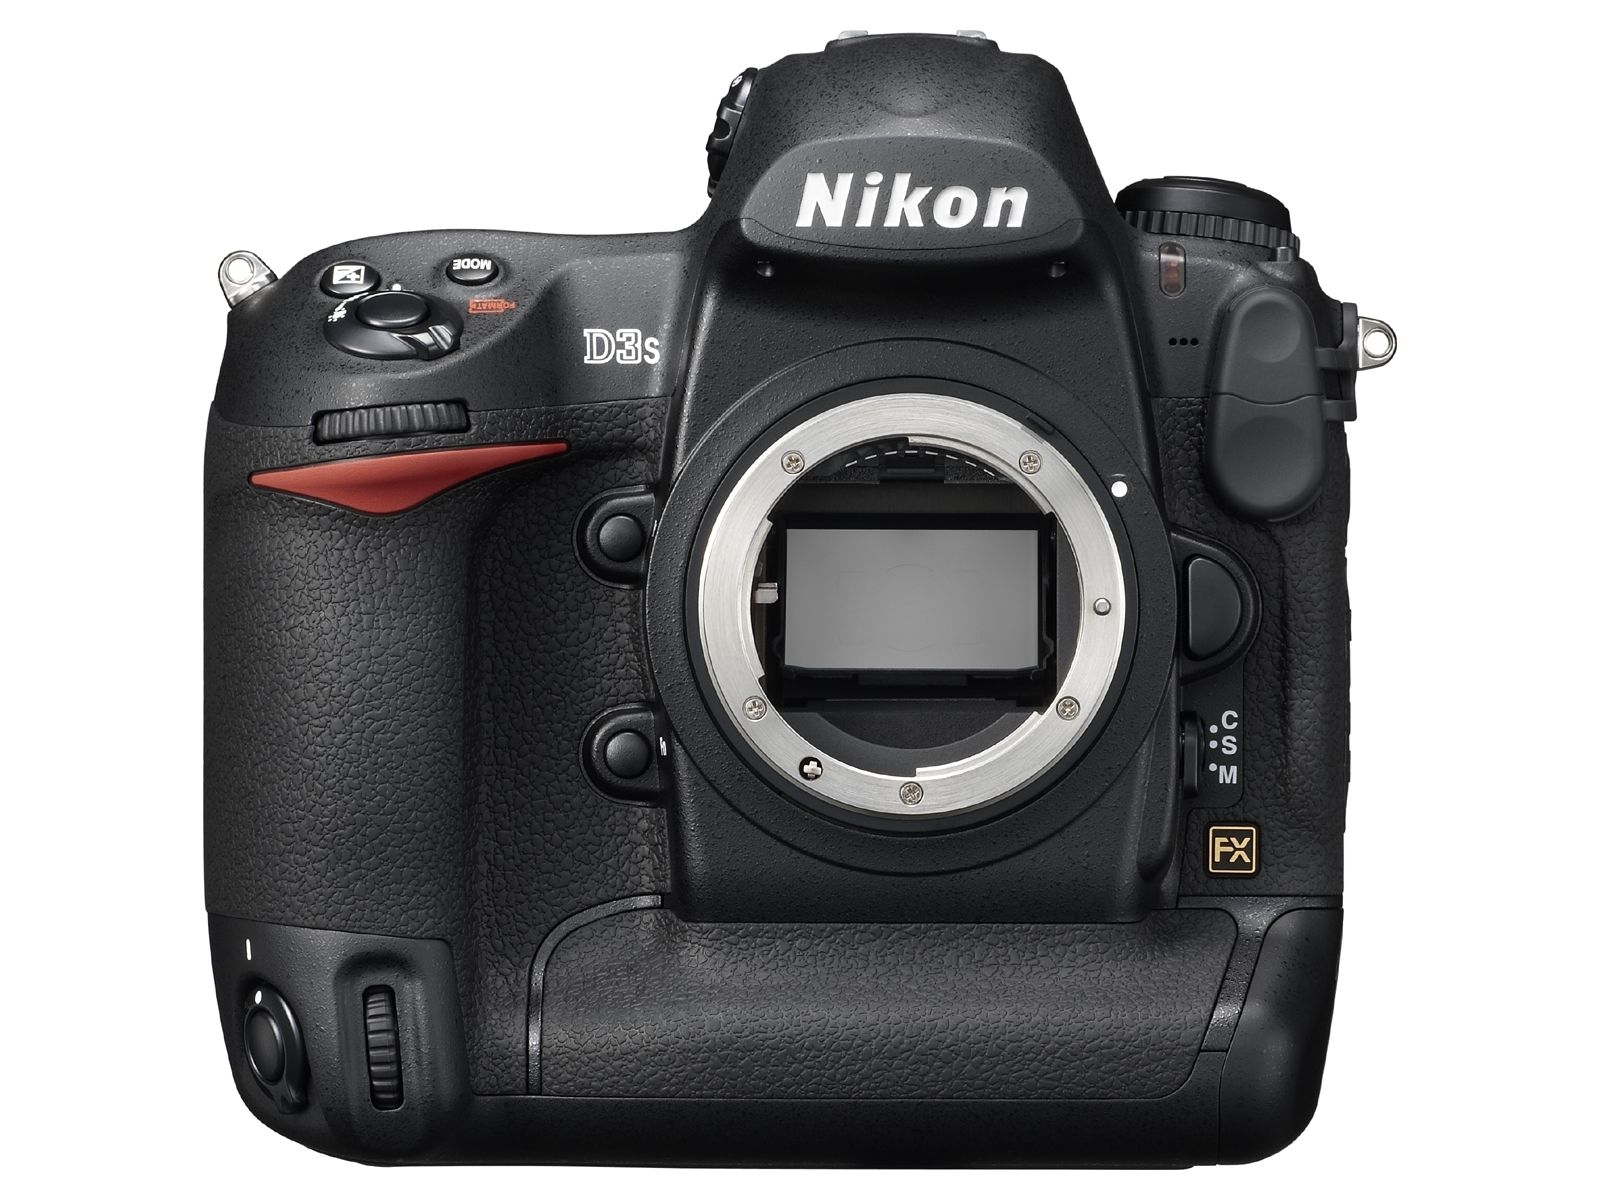 Siegelreflexkamera Nikon D3s 12.1MP Digitalkamera - Schwarz BODY, GEBRAUCHTWARE!